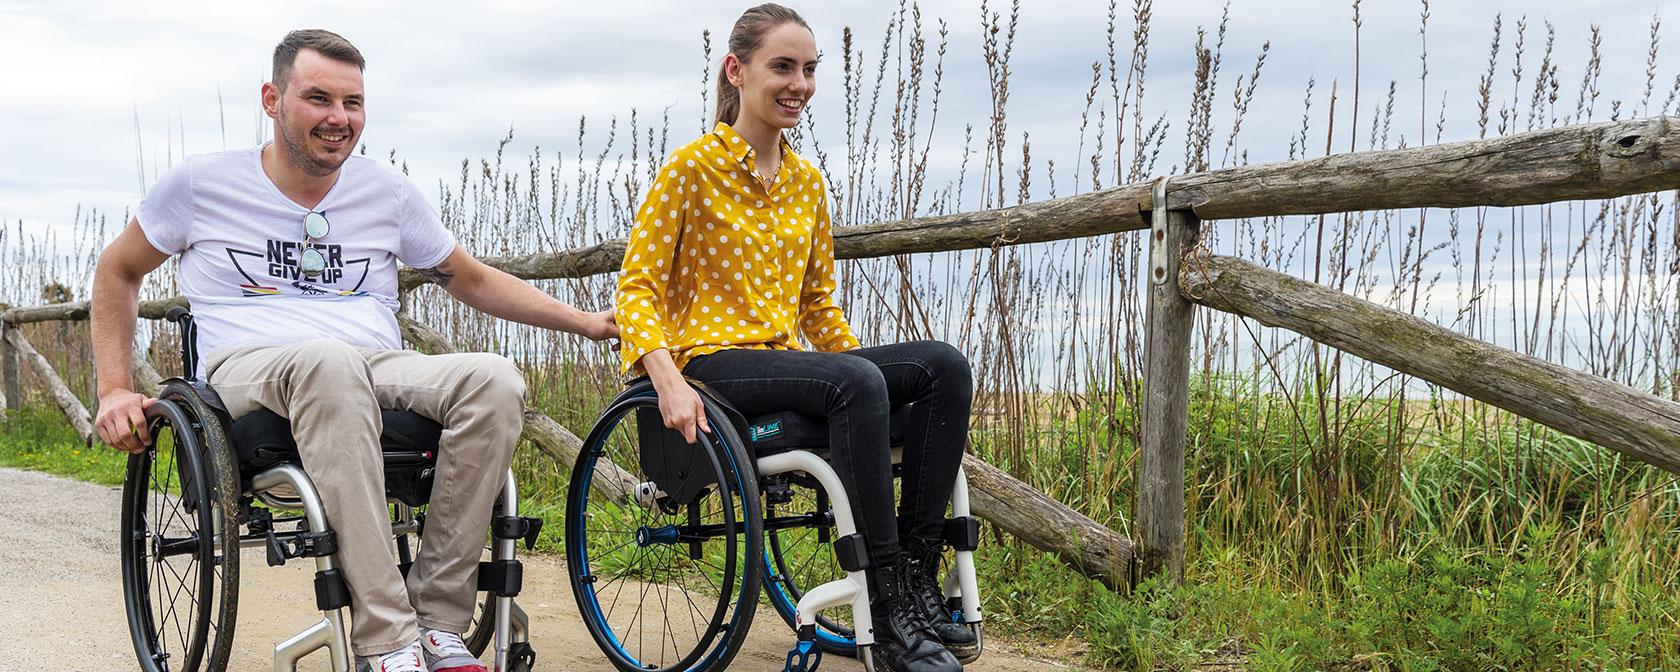 Vente et location de fauteuils roulants à Saint-Malo